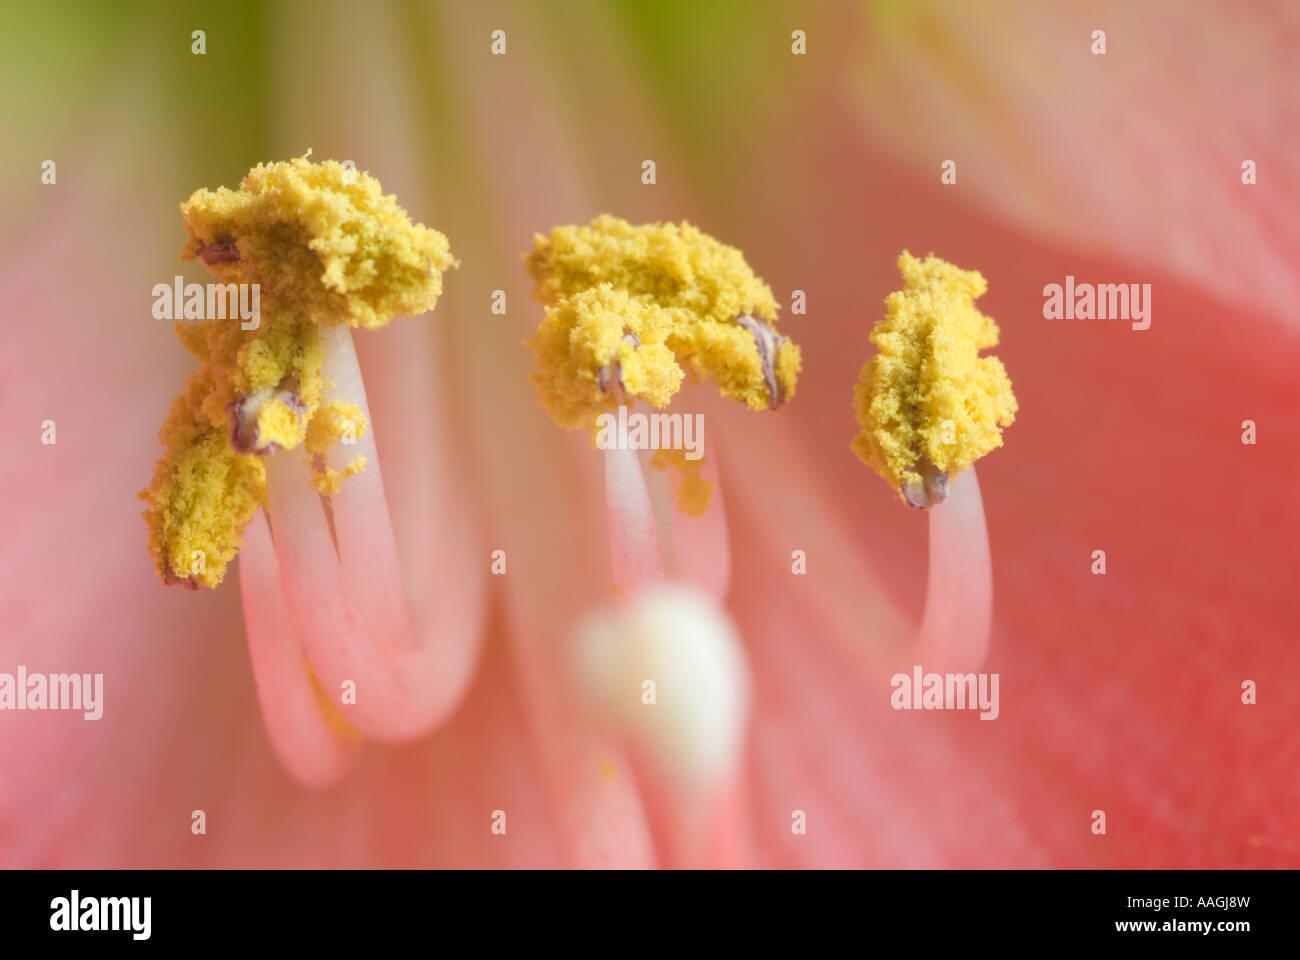 Yellow pollen on the stamen of an Amaryllis. Stock Photo